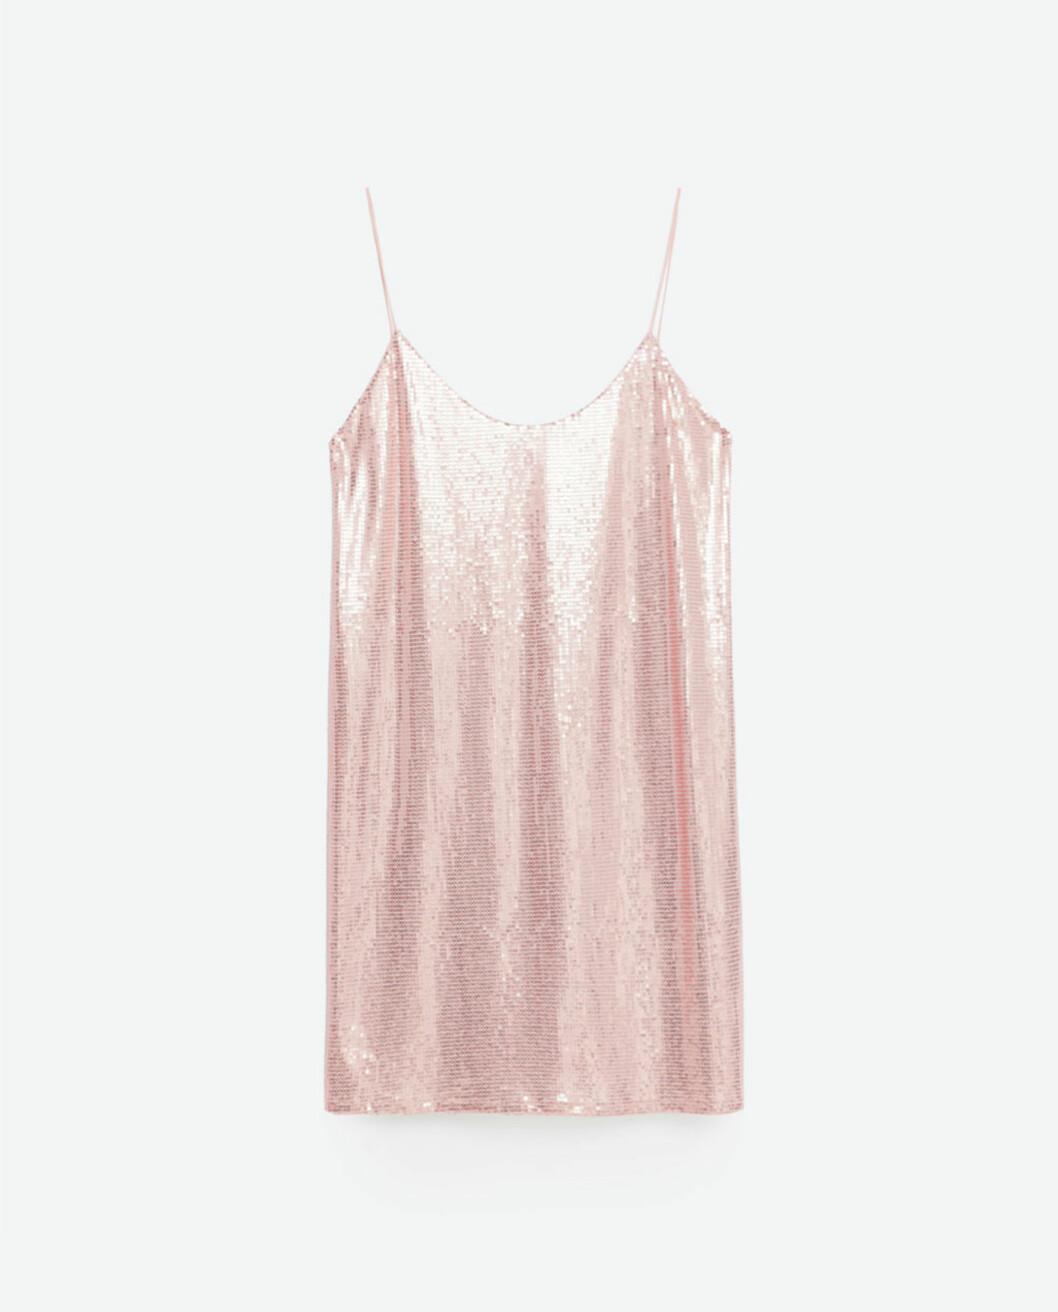 Paljettkjole fra Zara | kr 349 | http://www.zara.com/no/no/dame/kjoler/kjole-med-paljetter-c269185p3714117.html